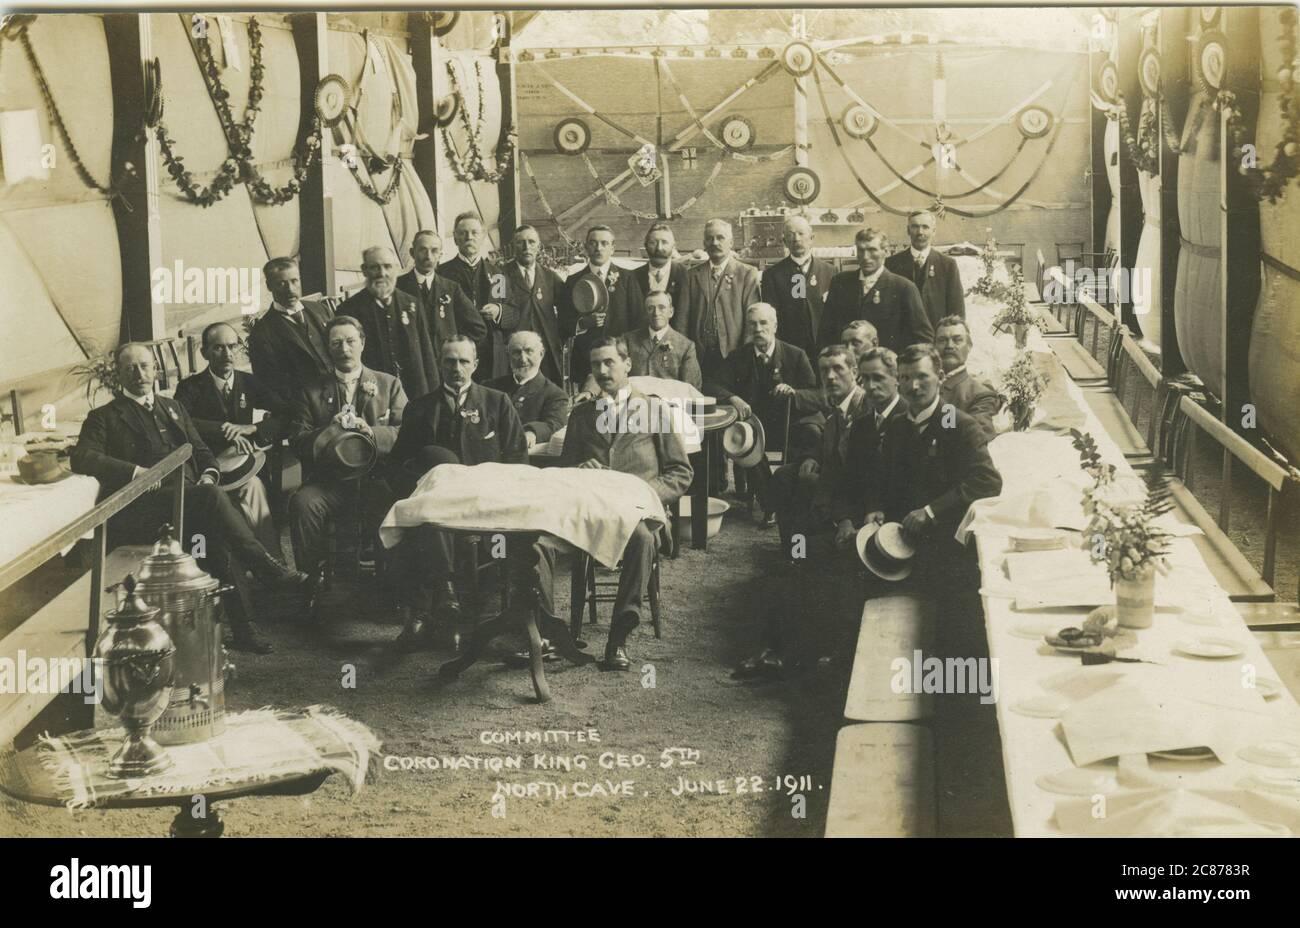 Village Committee (che celebra l'incoronazione di Re Giorgio V - 22 giugno 1911), North Cave, Brough, Yorkshire, Inghilterra. Foto Stock